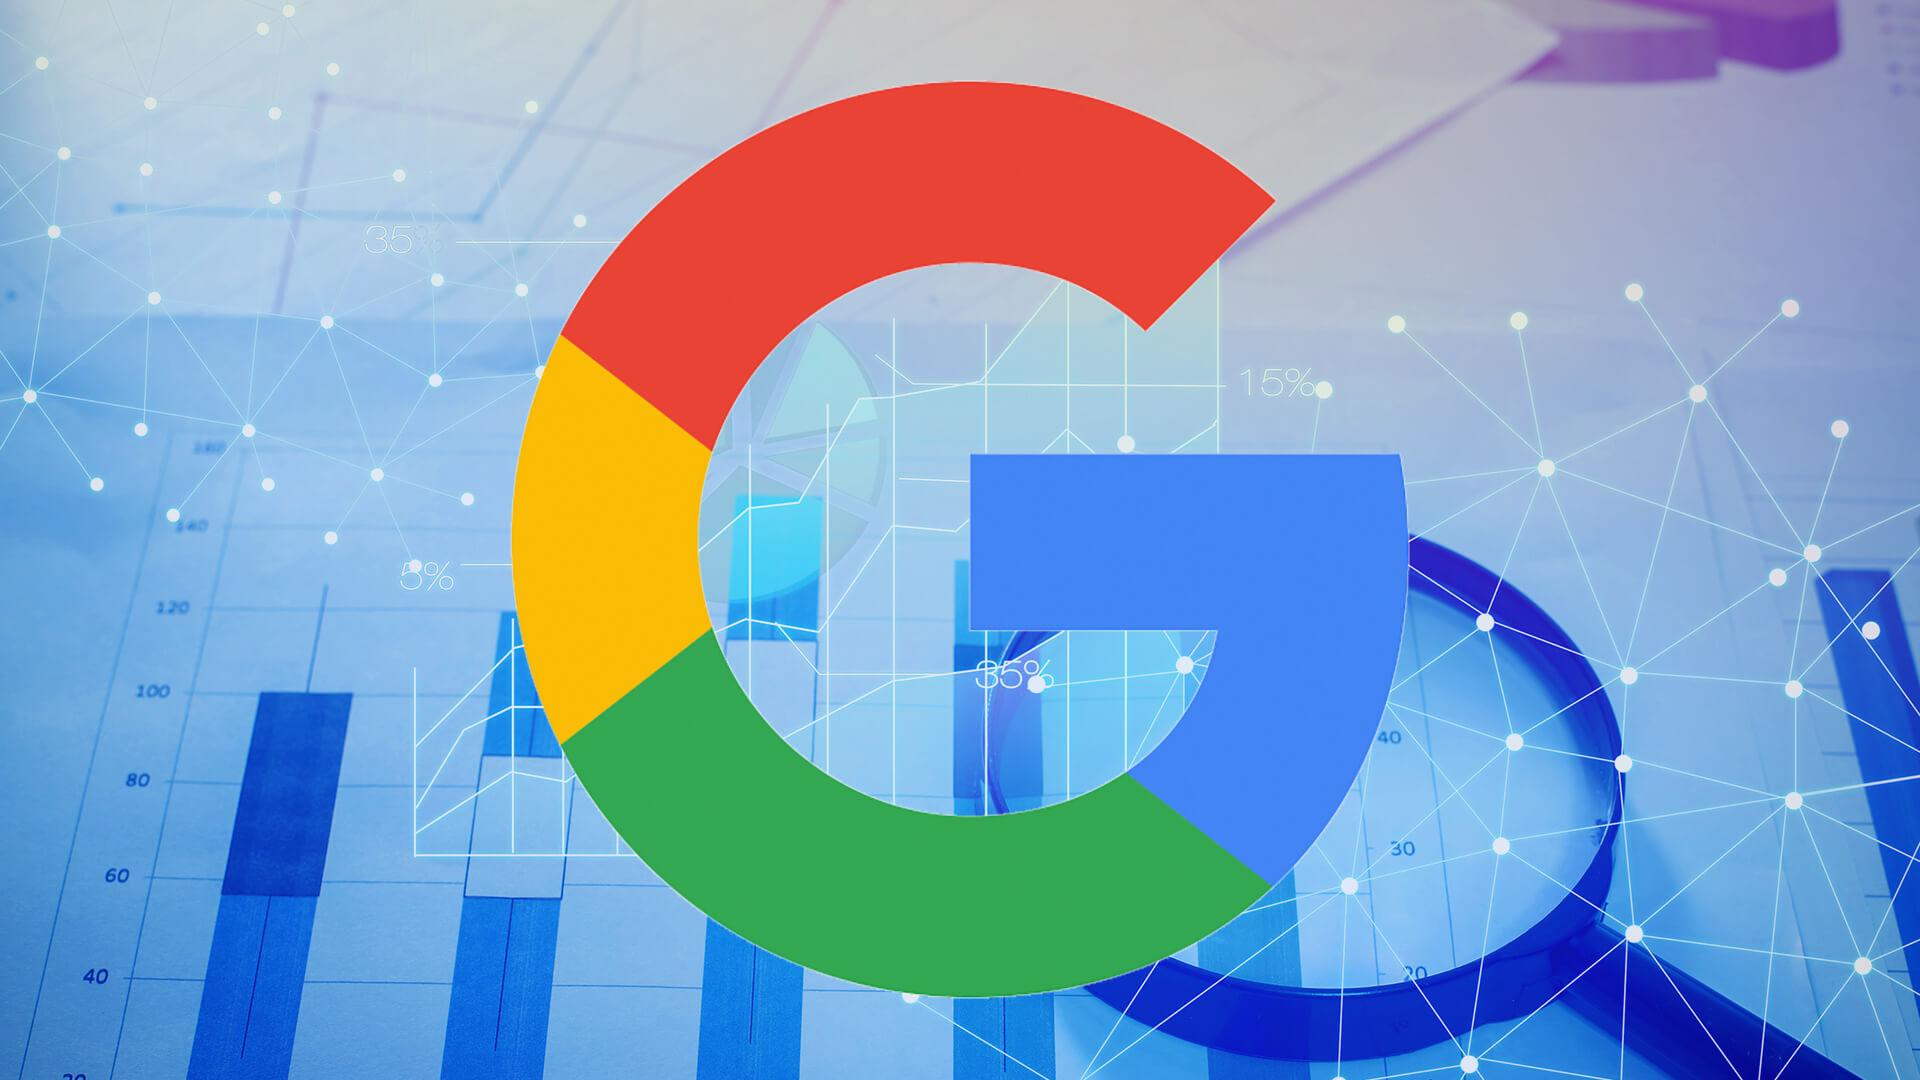 Сотрудник Google рассказал, что изменение даты не улучшит ранжирование сайта